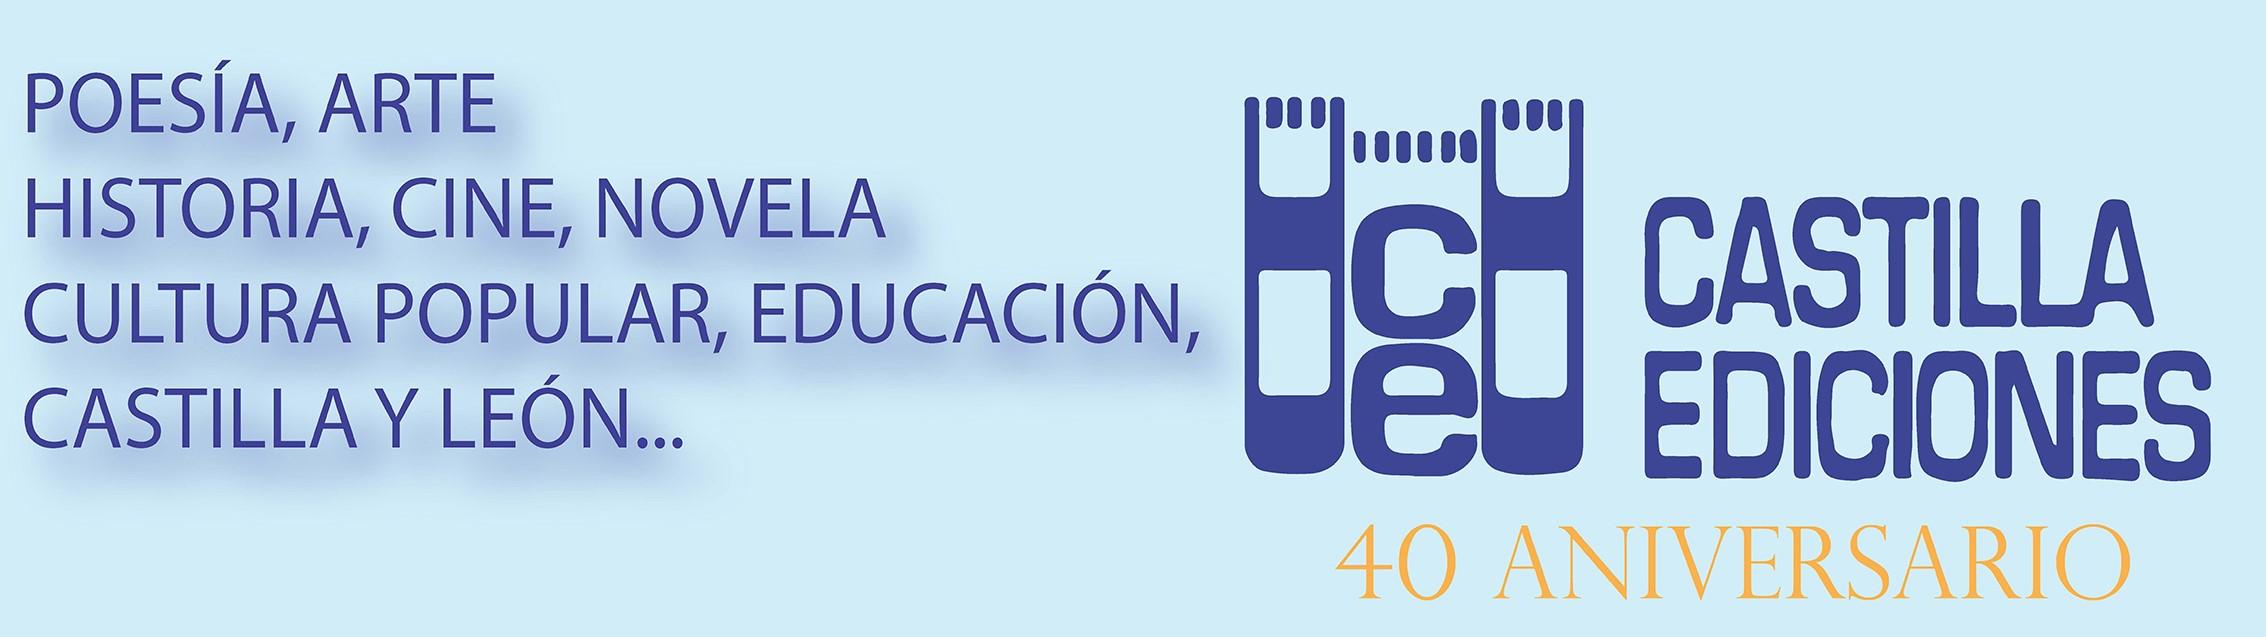 40 Aniversario de Castilla Ediciones